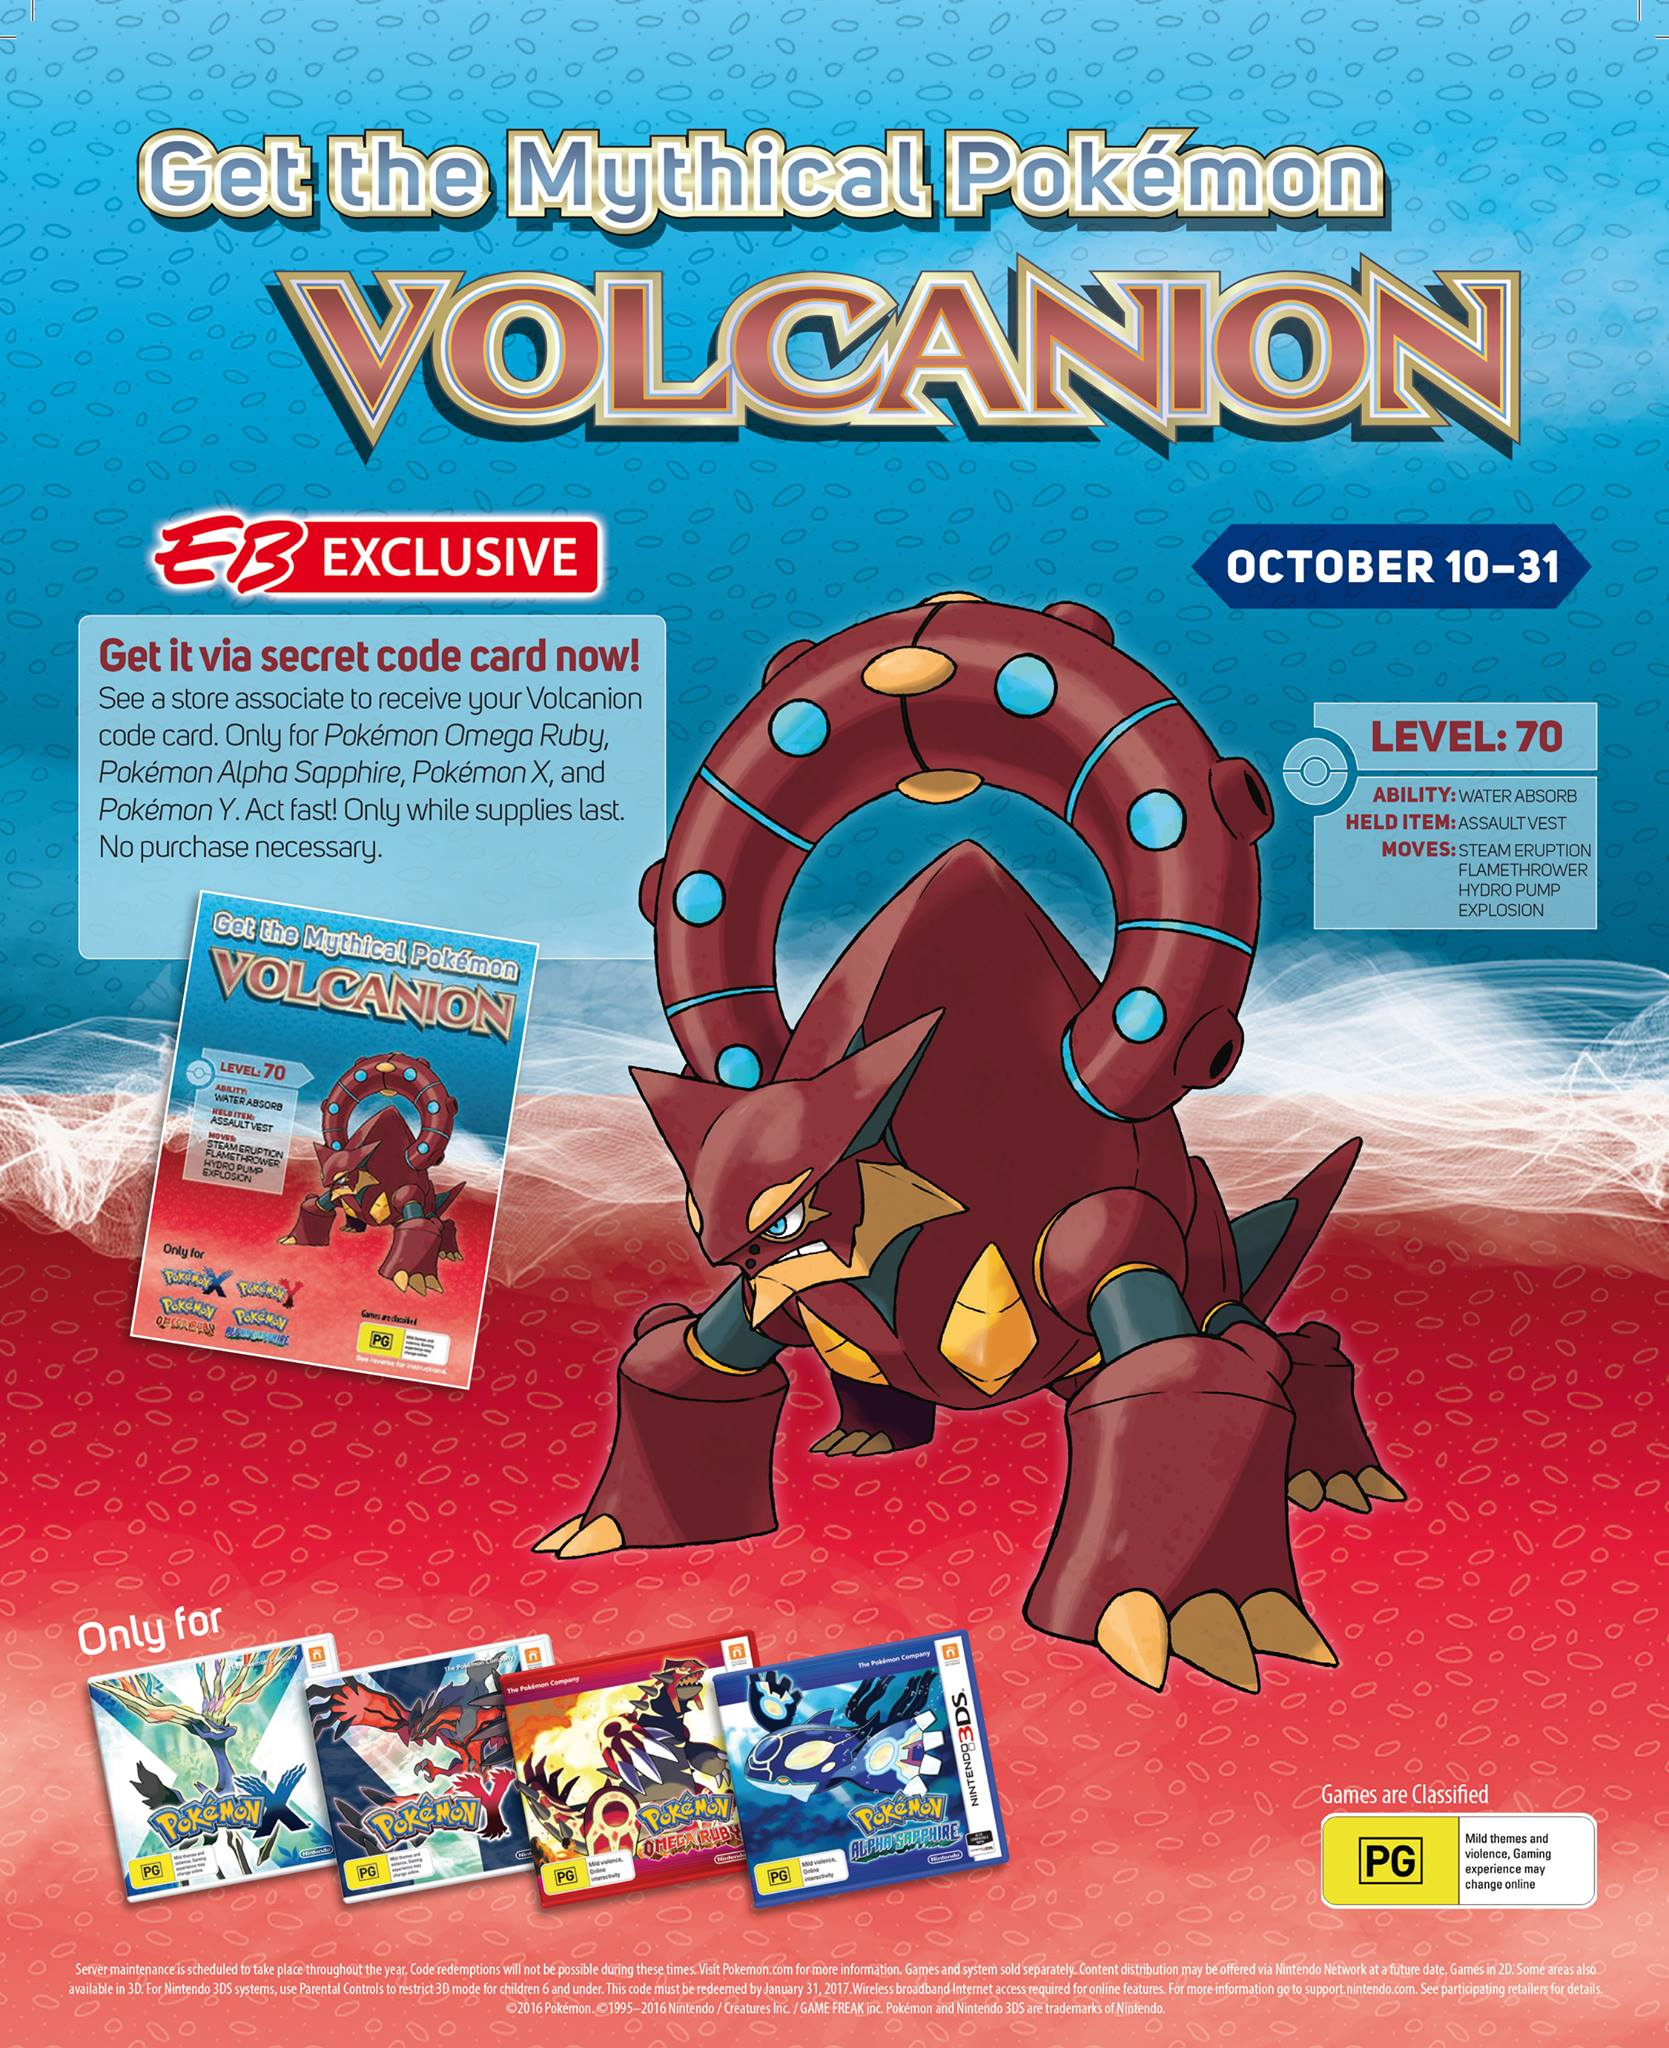 Pokemon Volcanion